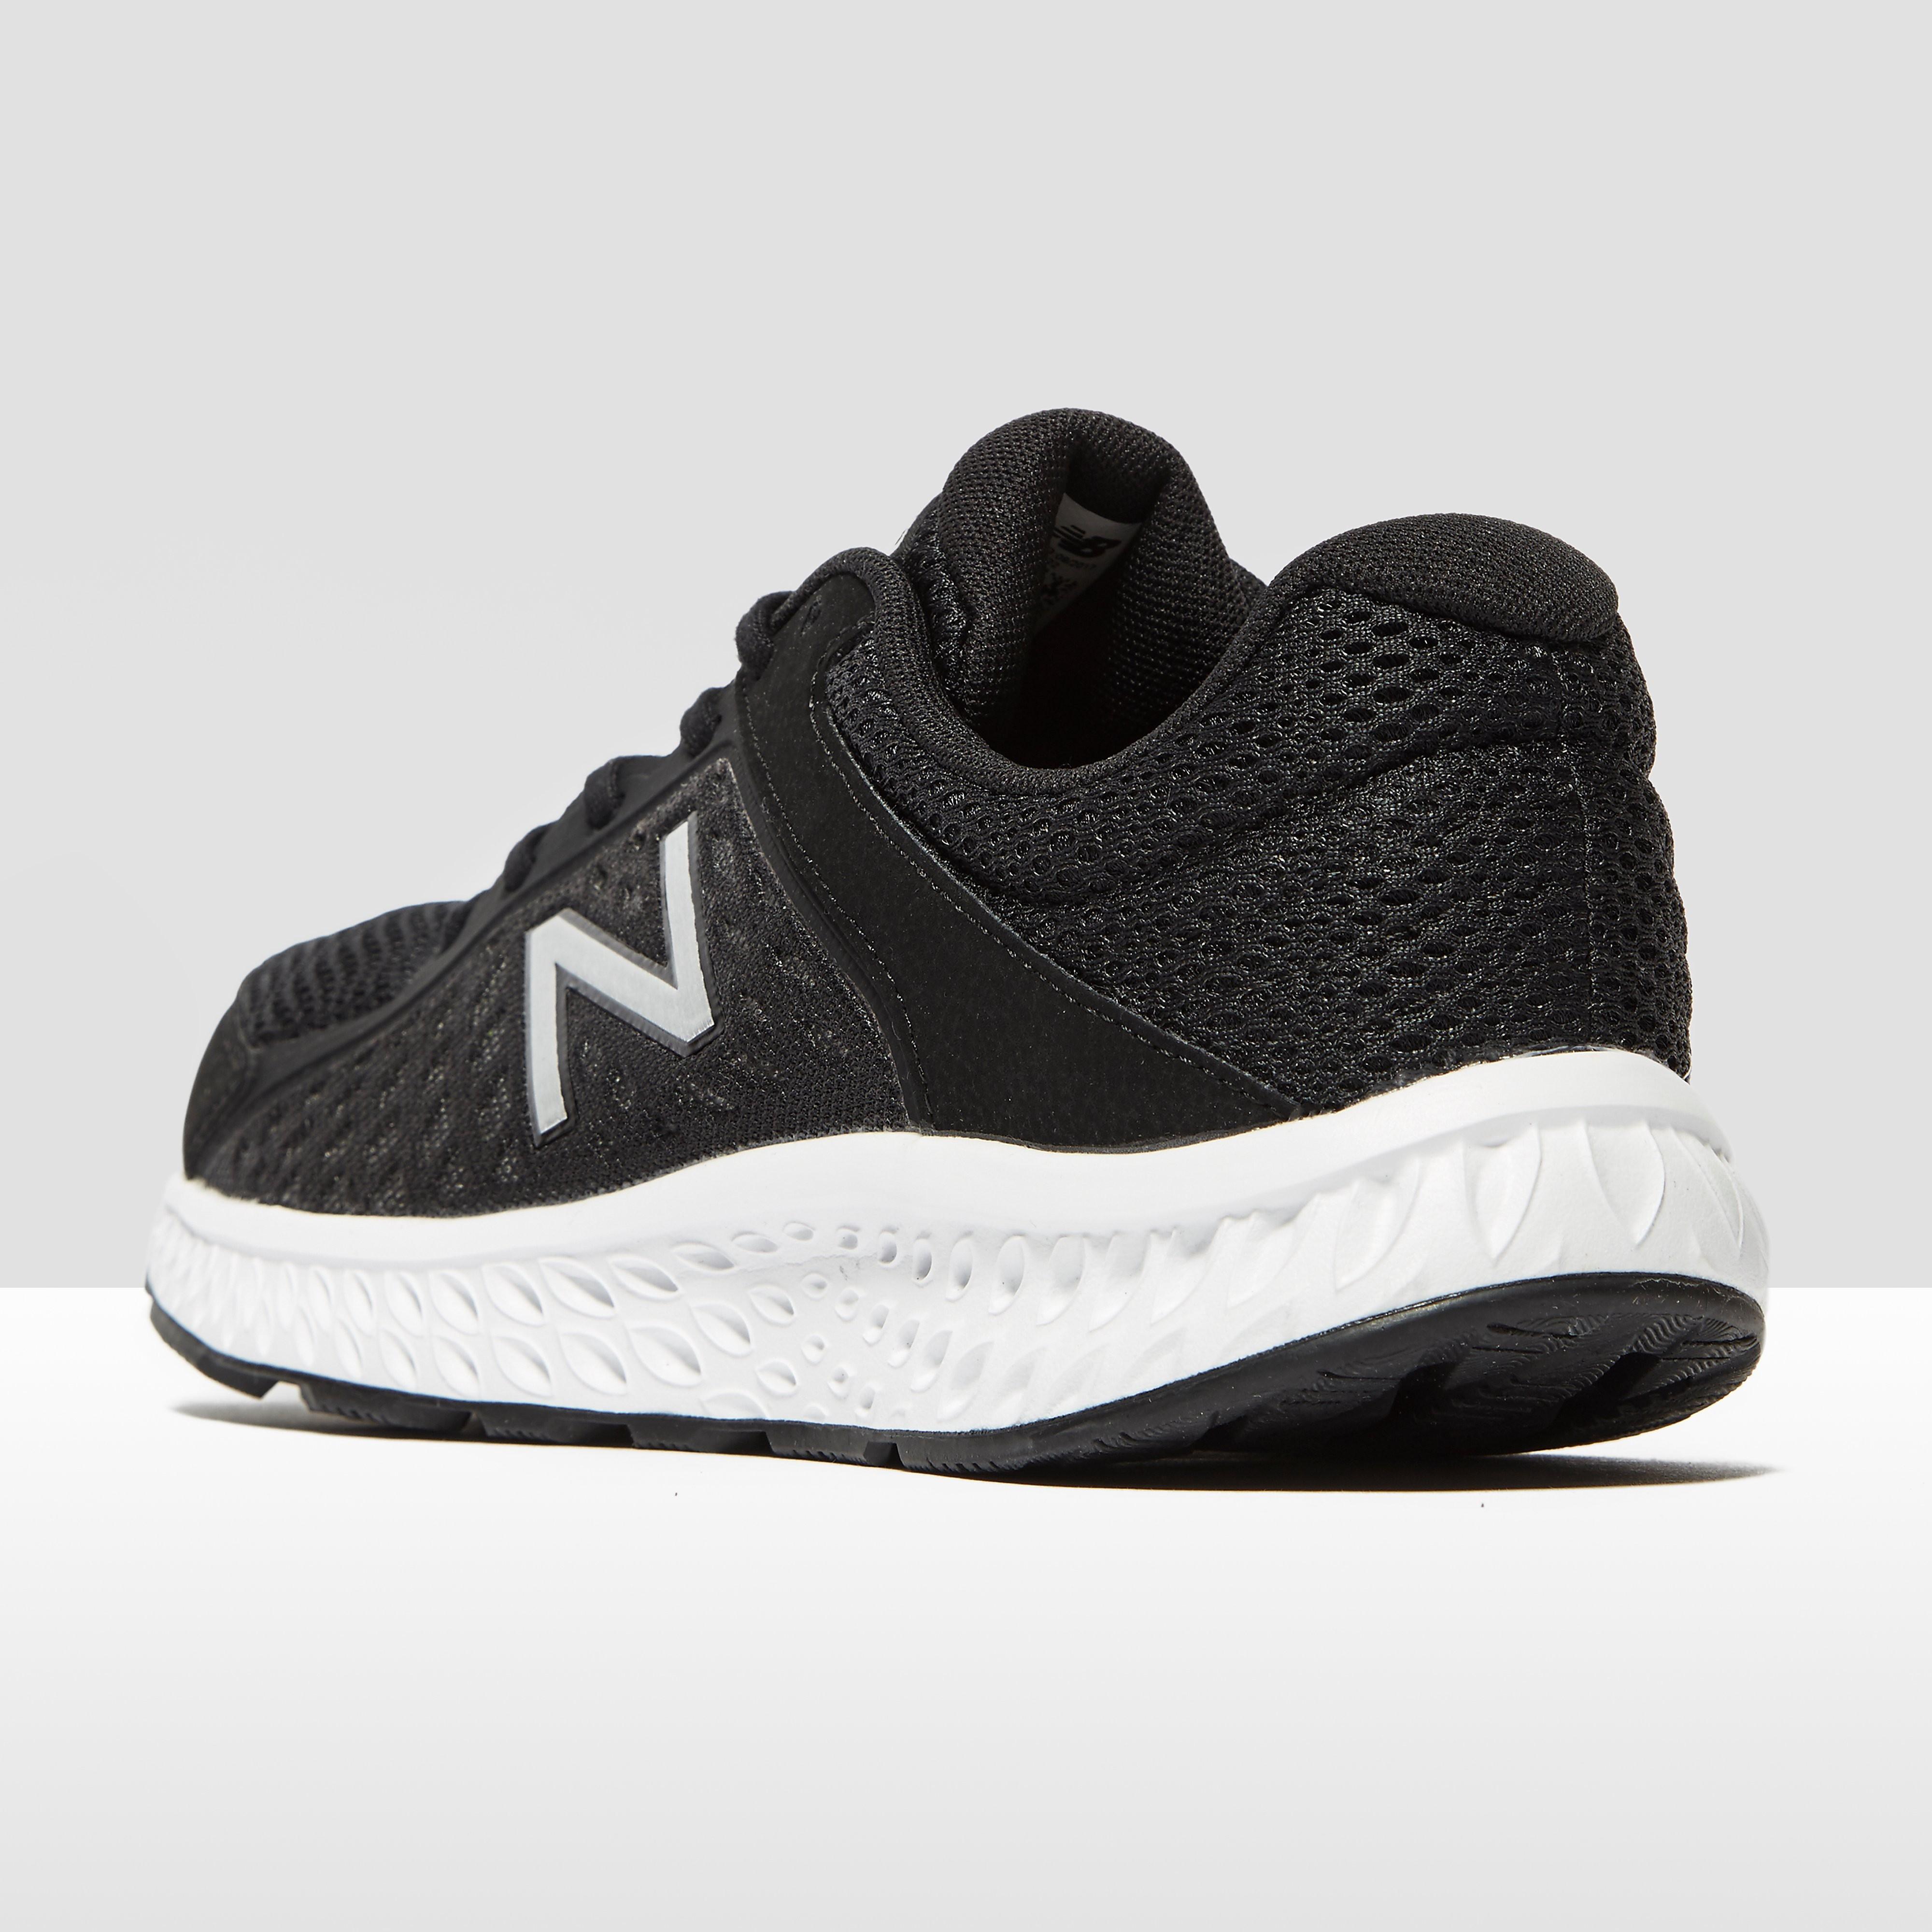 New Balance M420v4 Men's Running Shoes